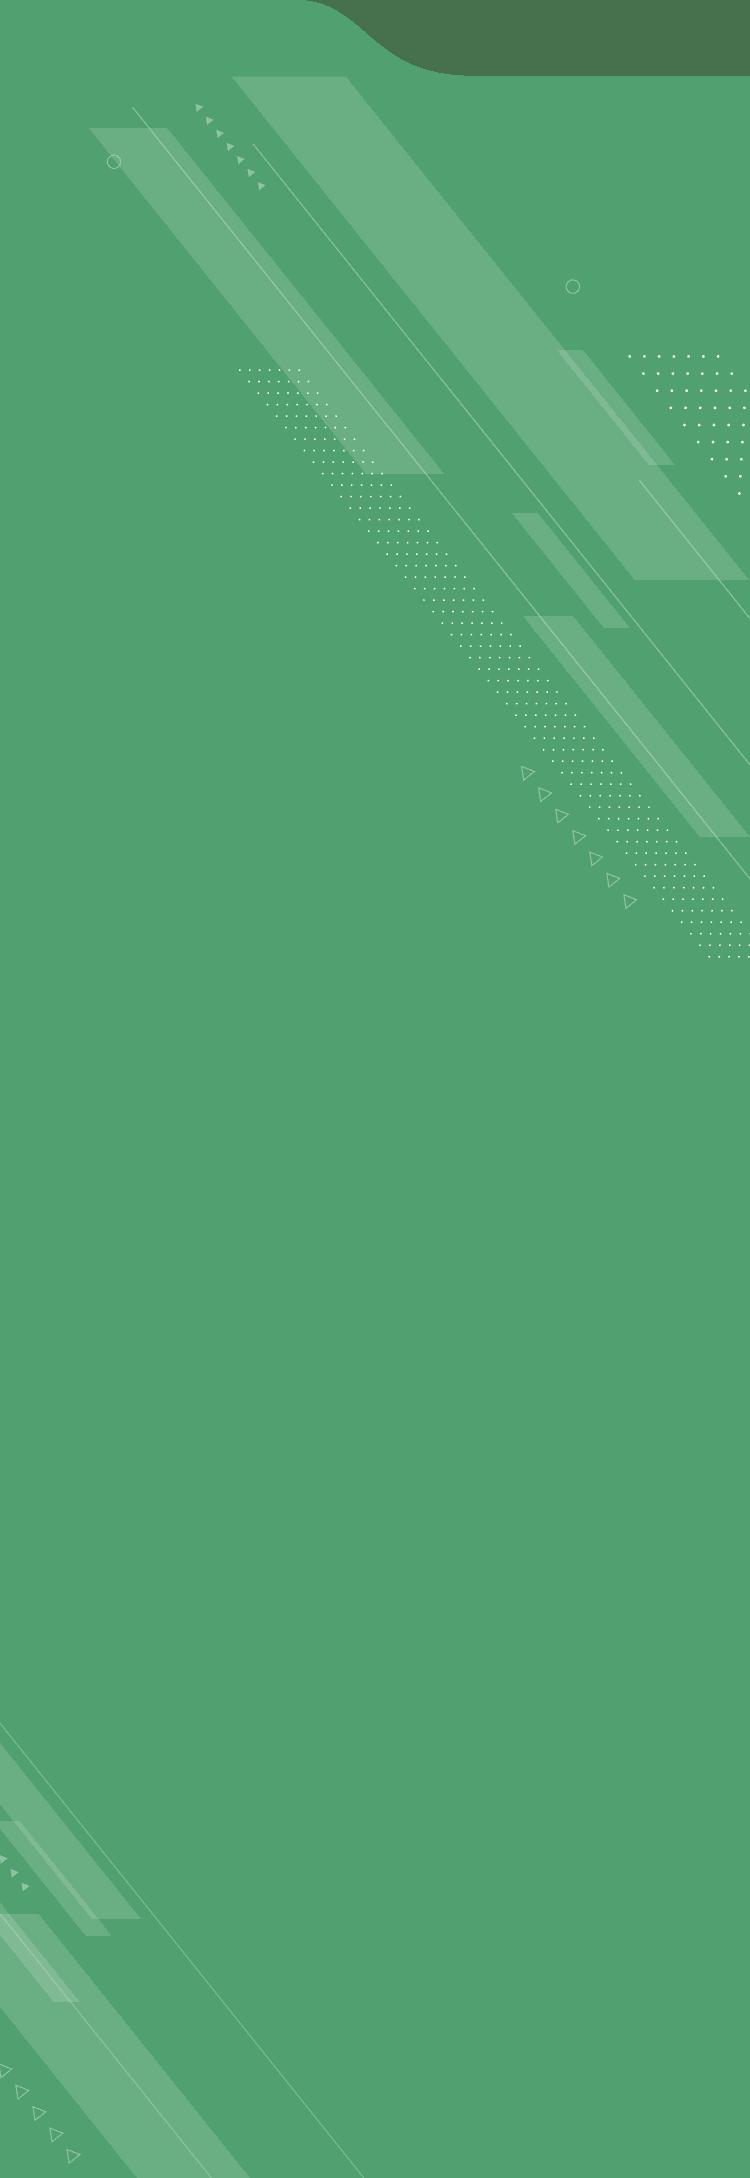 green-bg-mobile